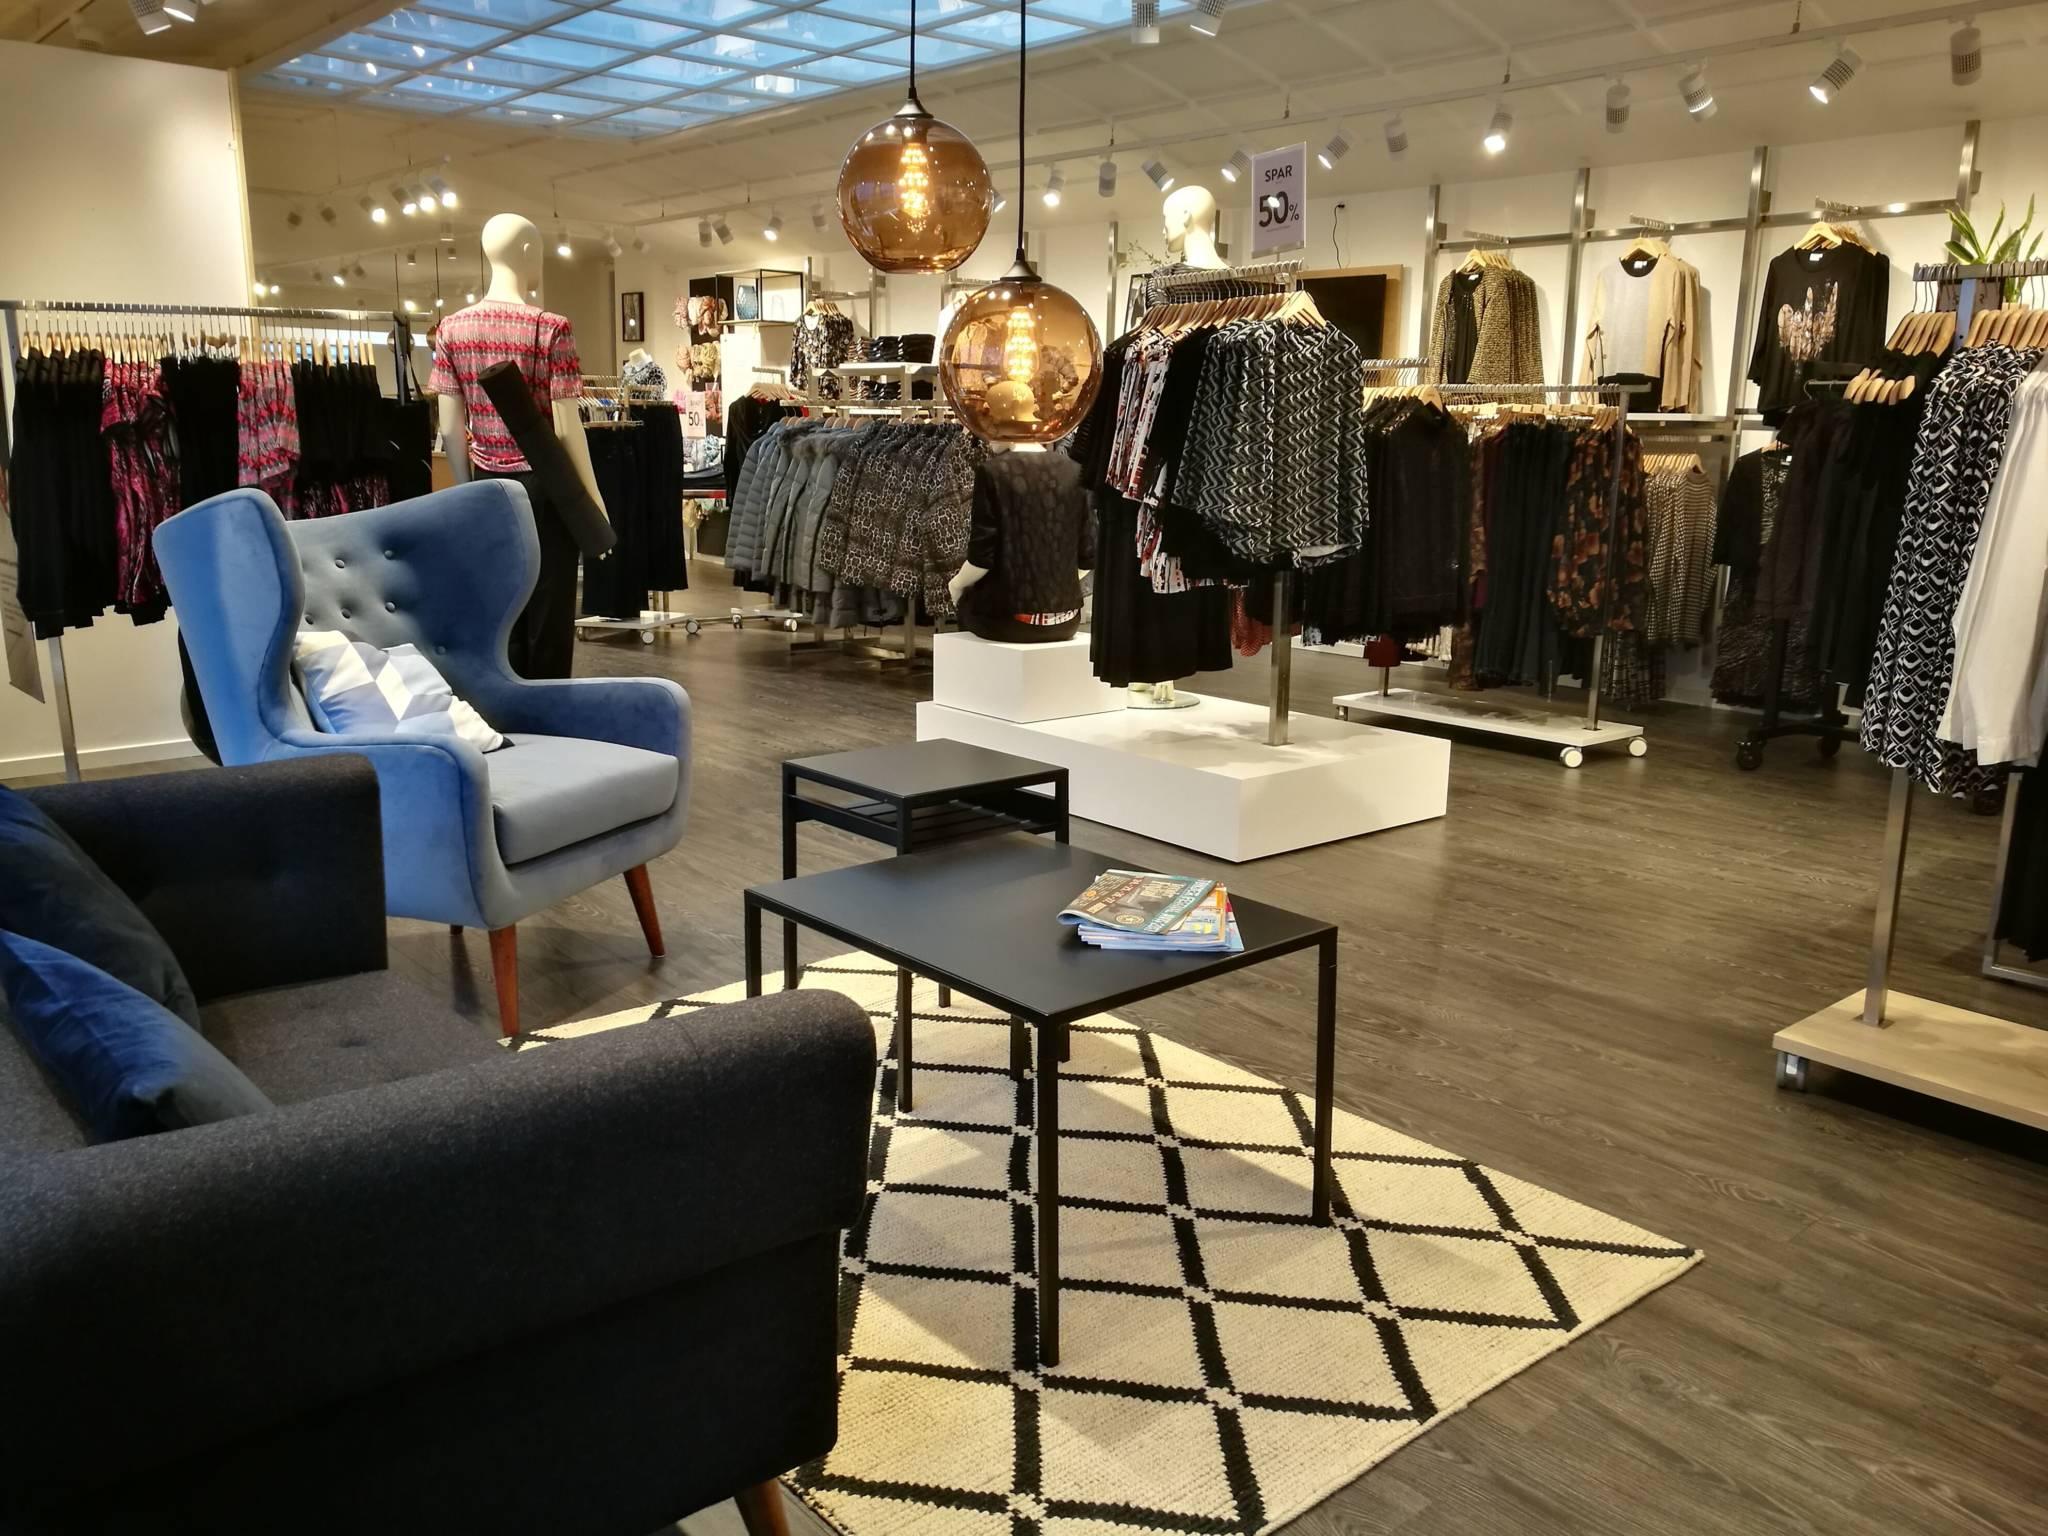 Dame butik med nyt design udtryk. Butiksinventar